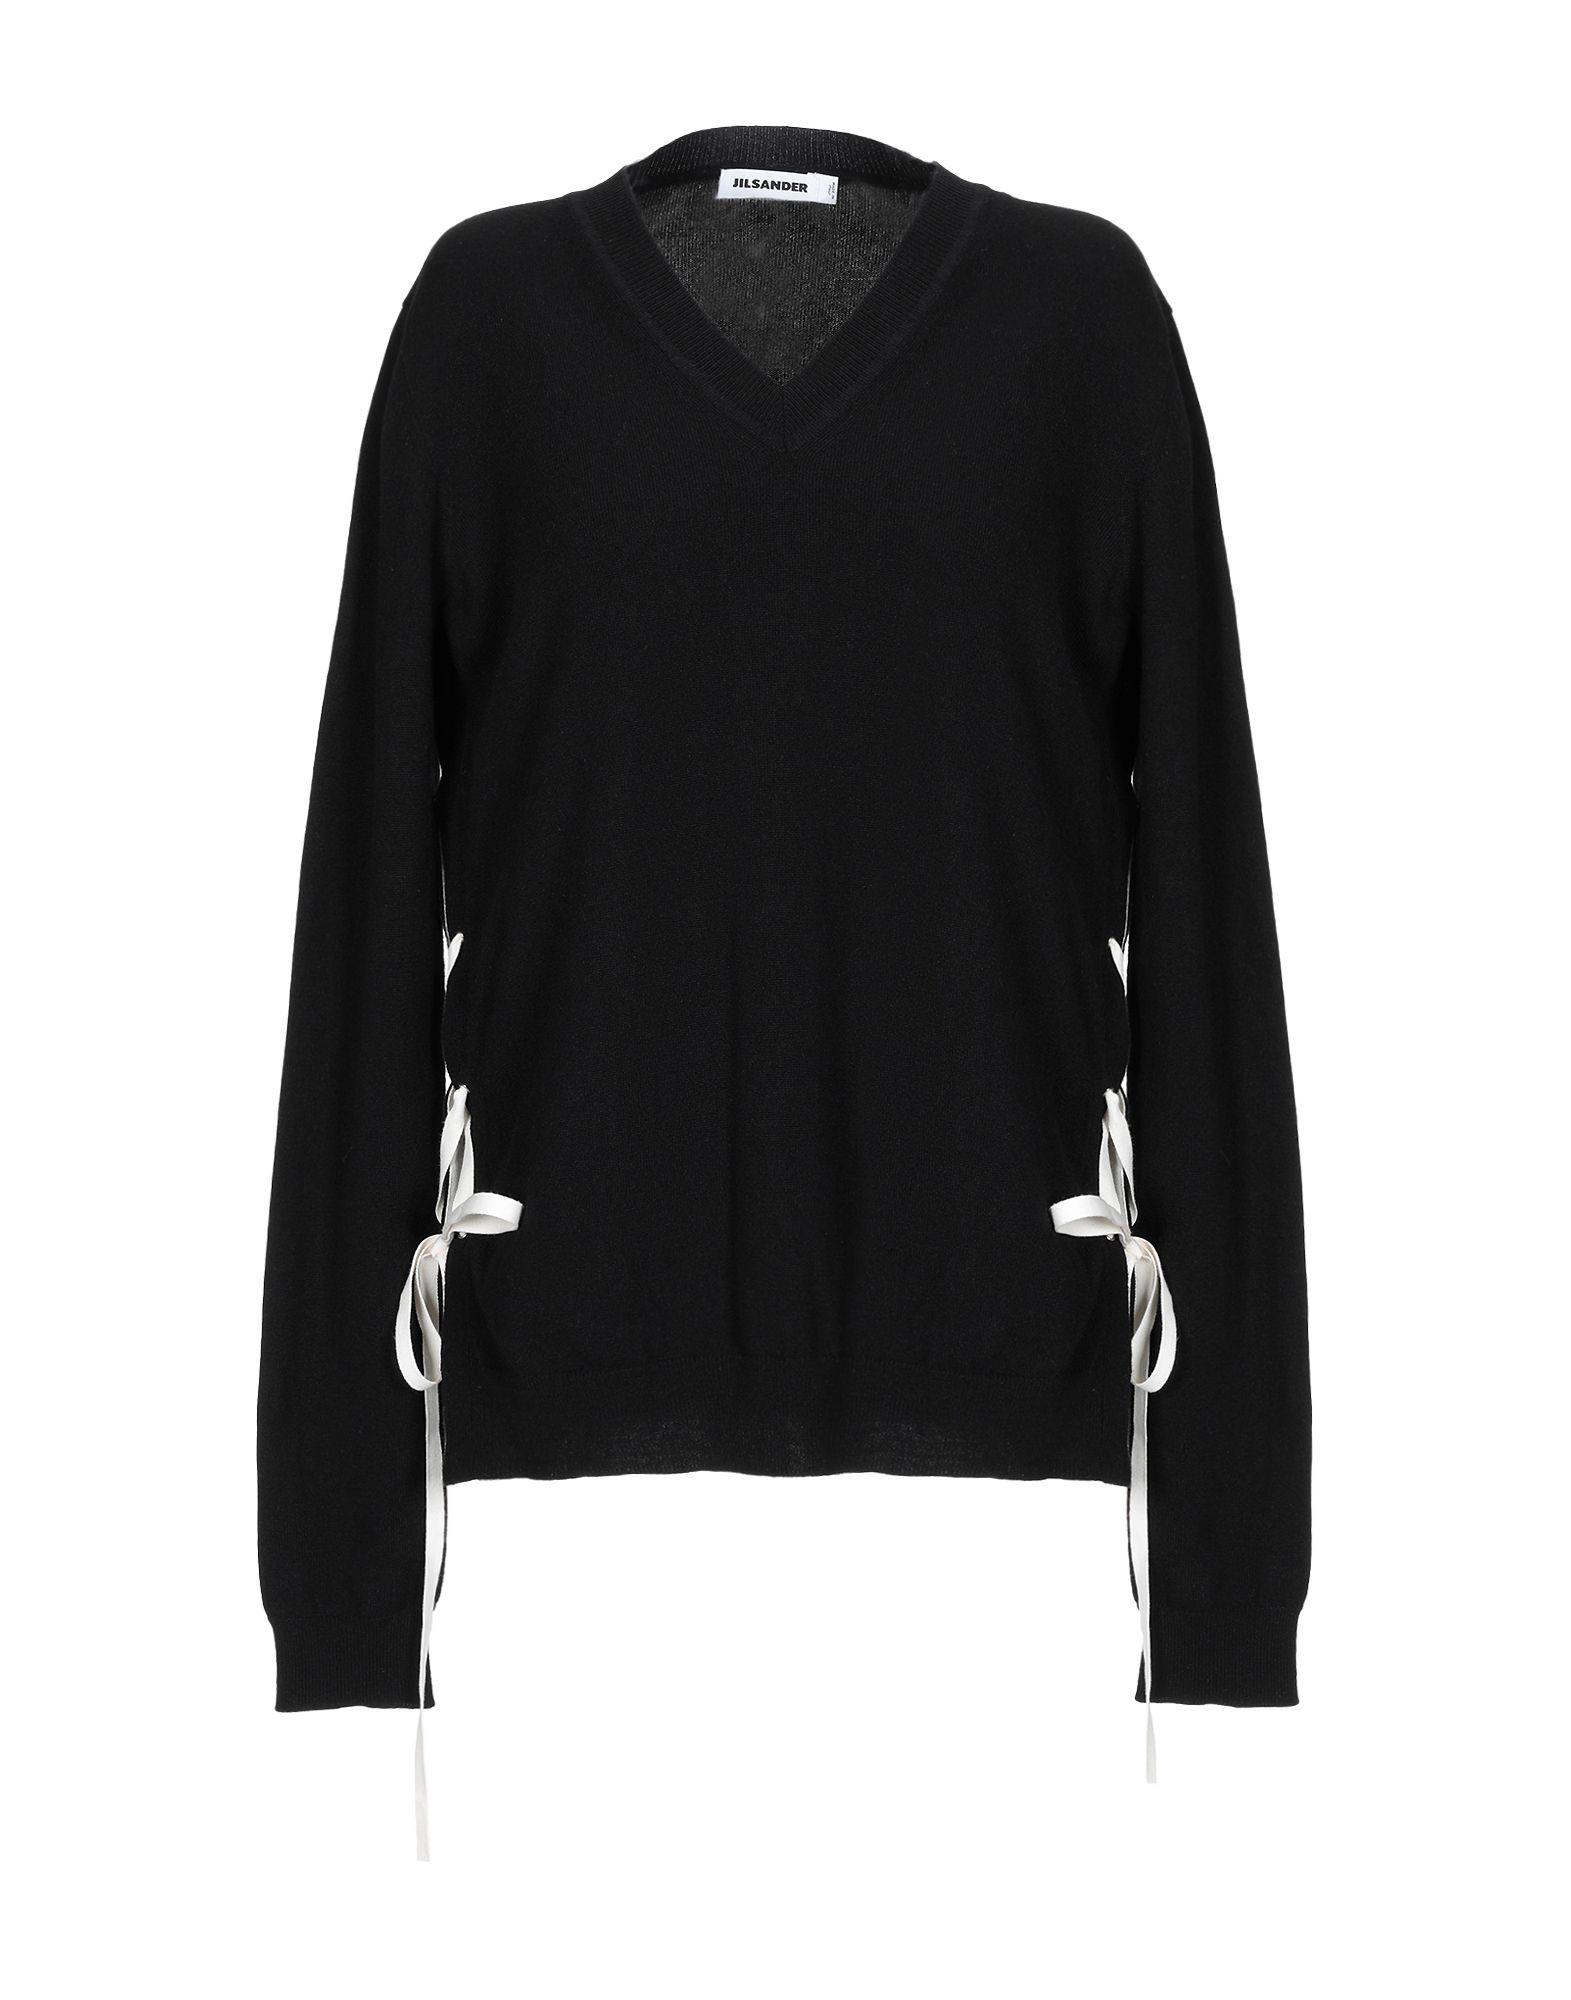 JIL SANDER Sweaters - Item 39926328